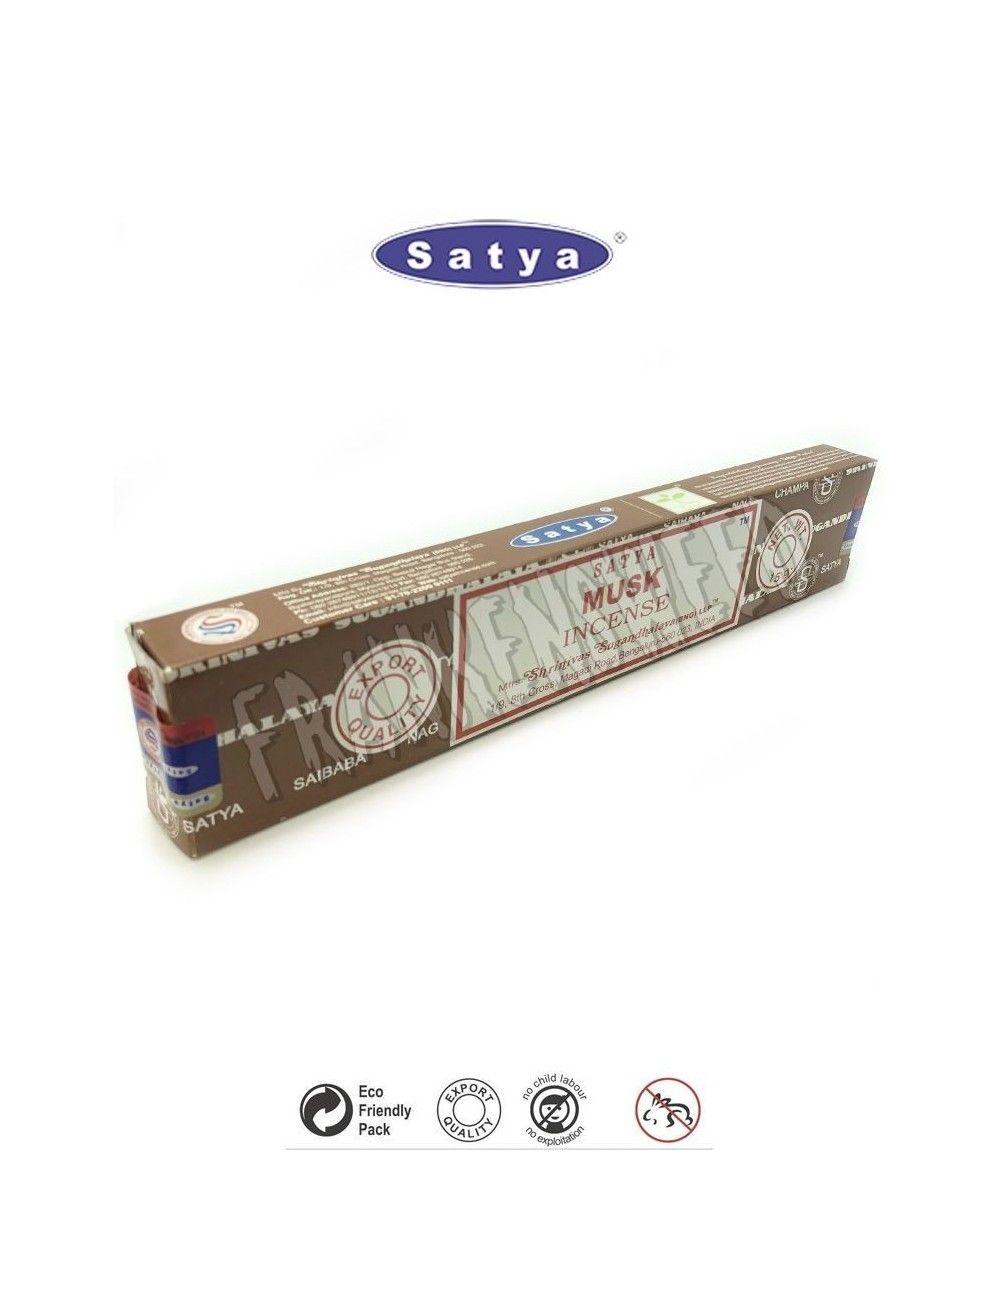 Musk - Satya Sai Baba - Incense Sticks